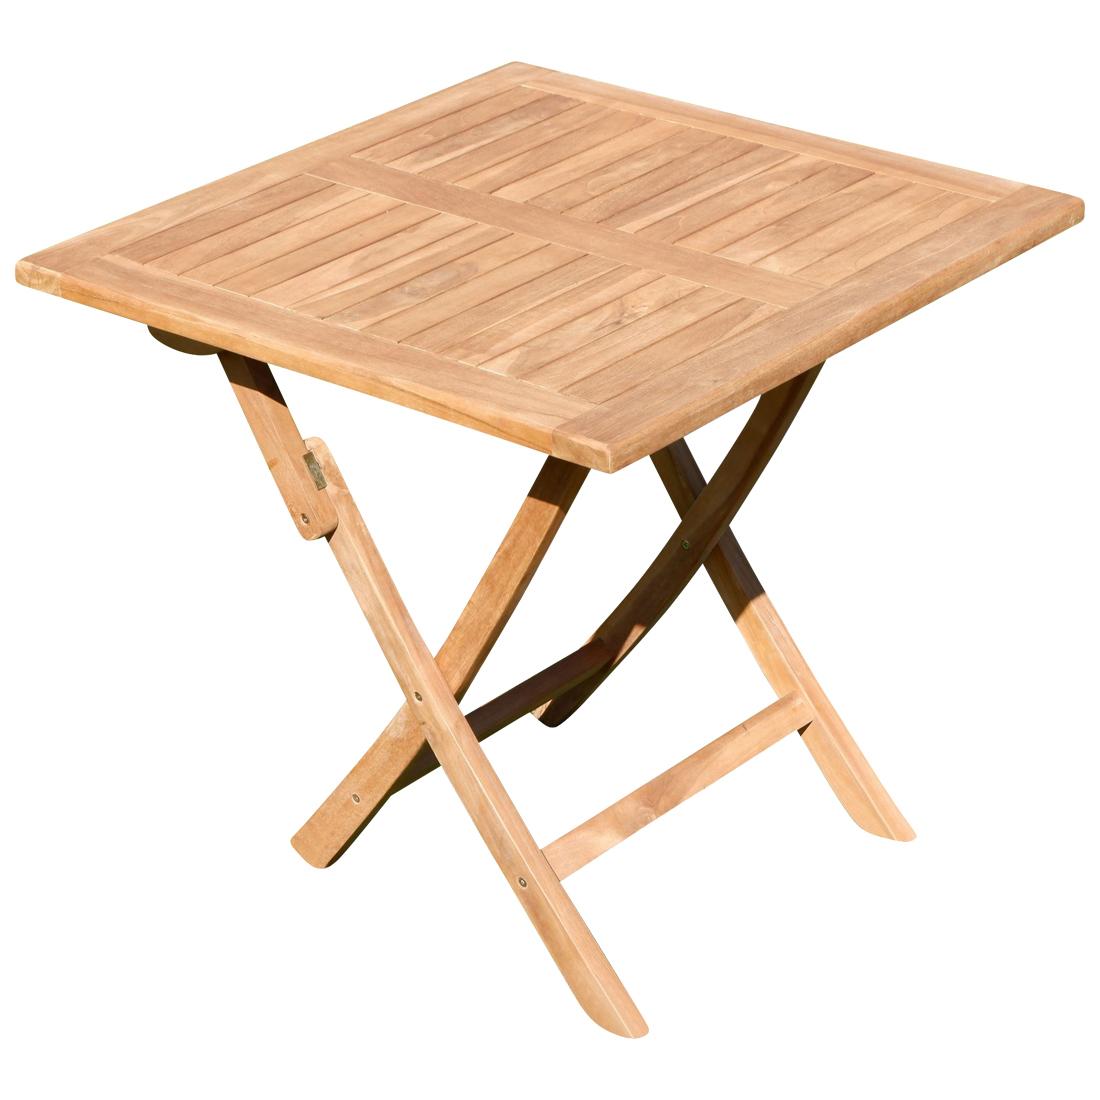 Echt Teak Holz Klapptisch Holztisch Gartentisch Tisch In